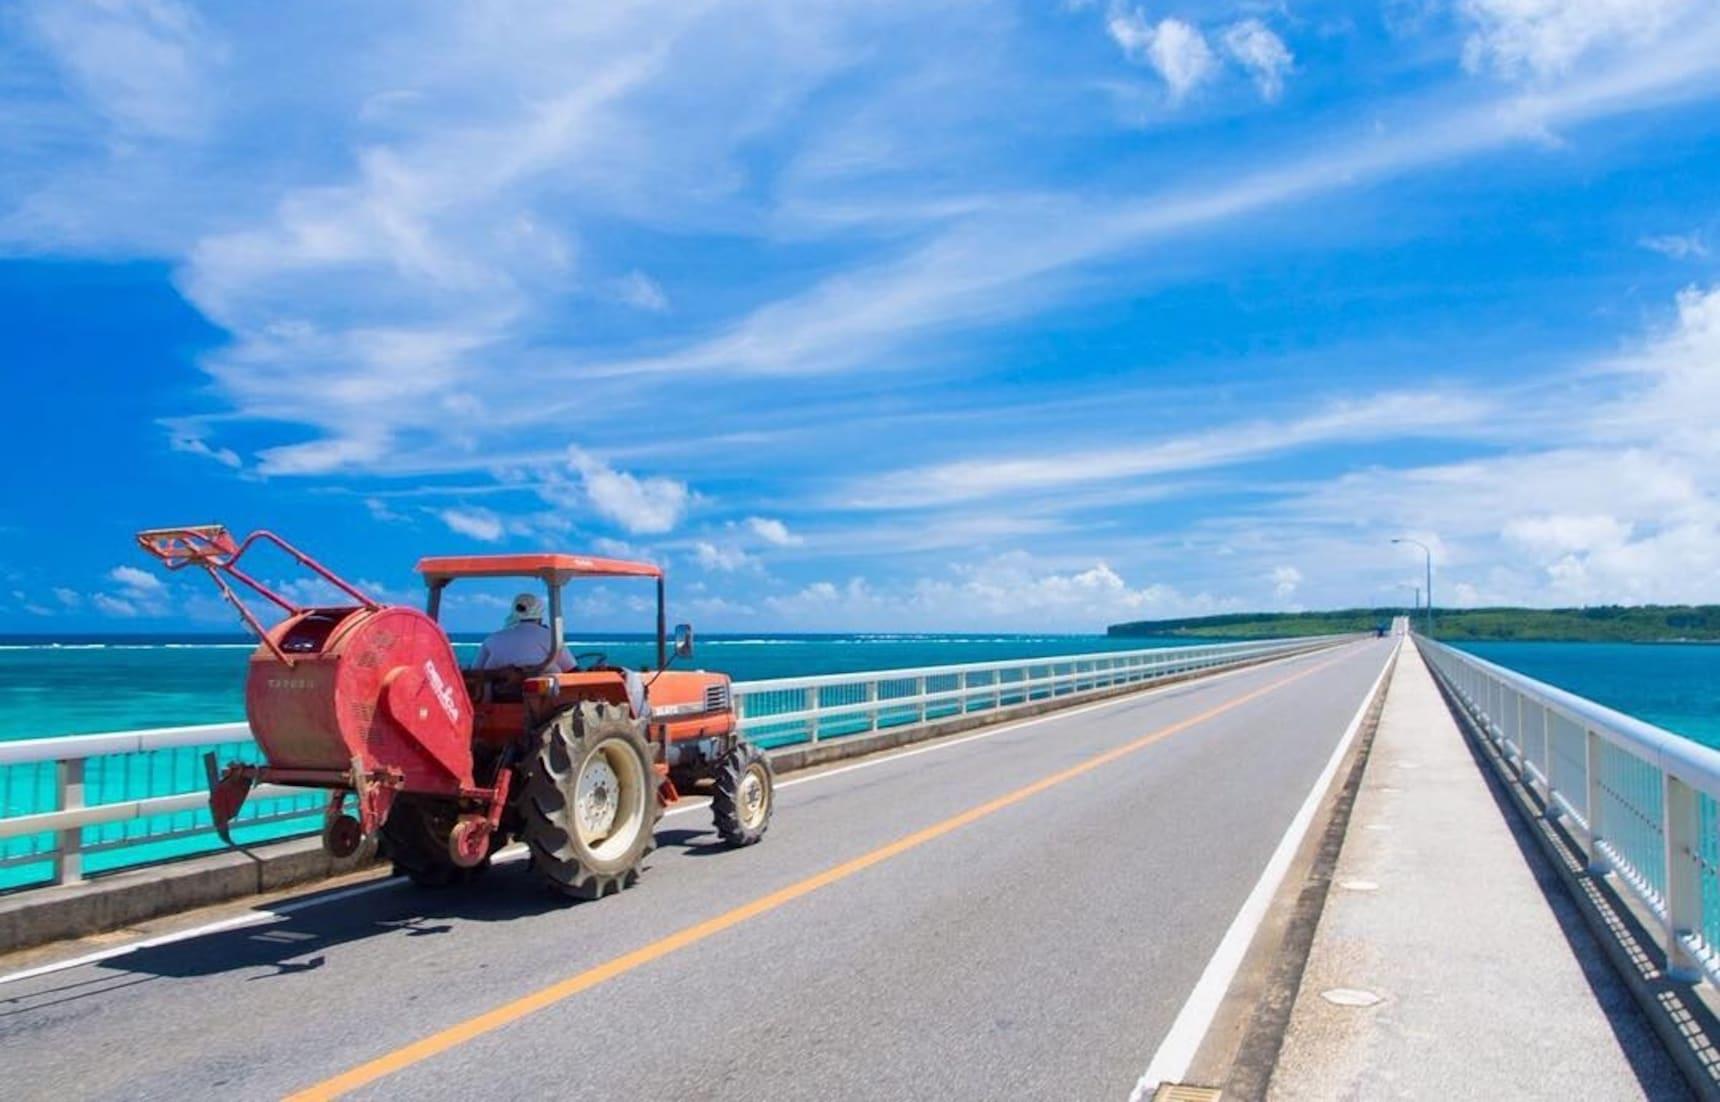 三座能看到美丽的冲绳风景大桥